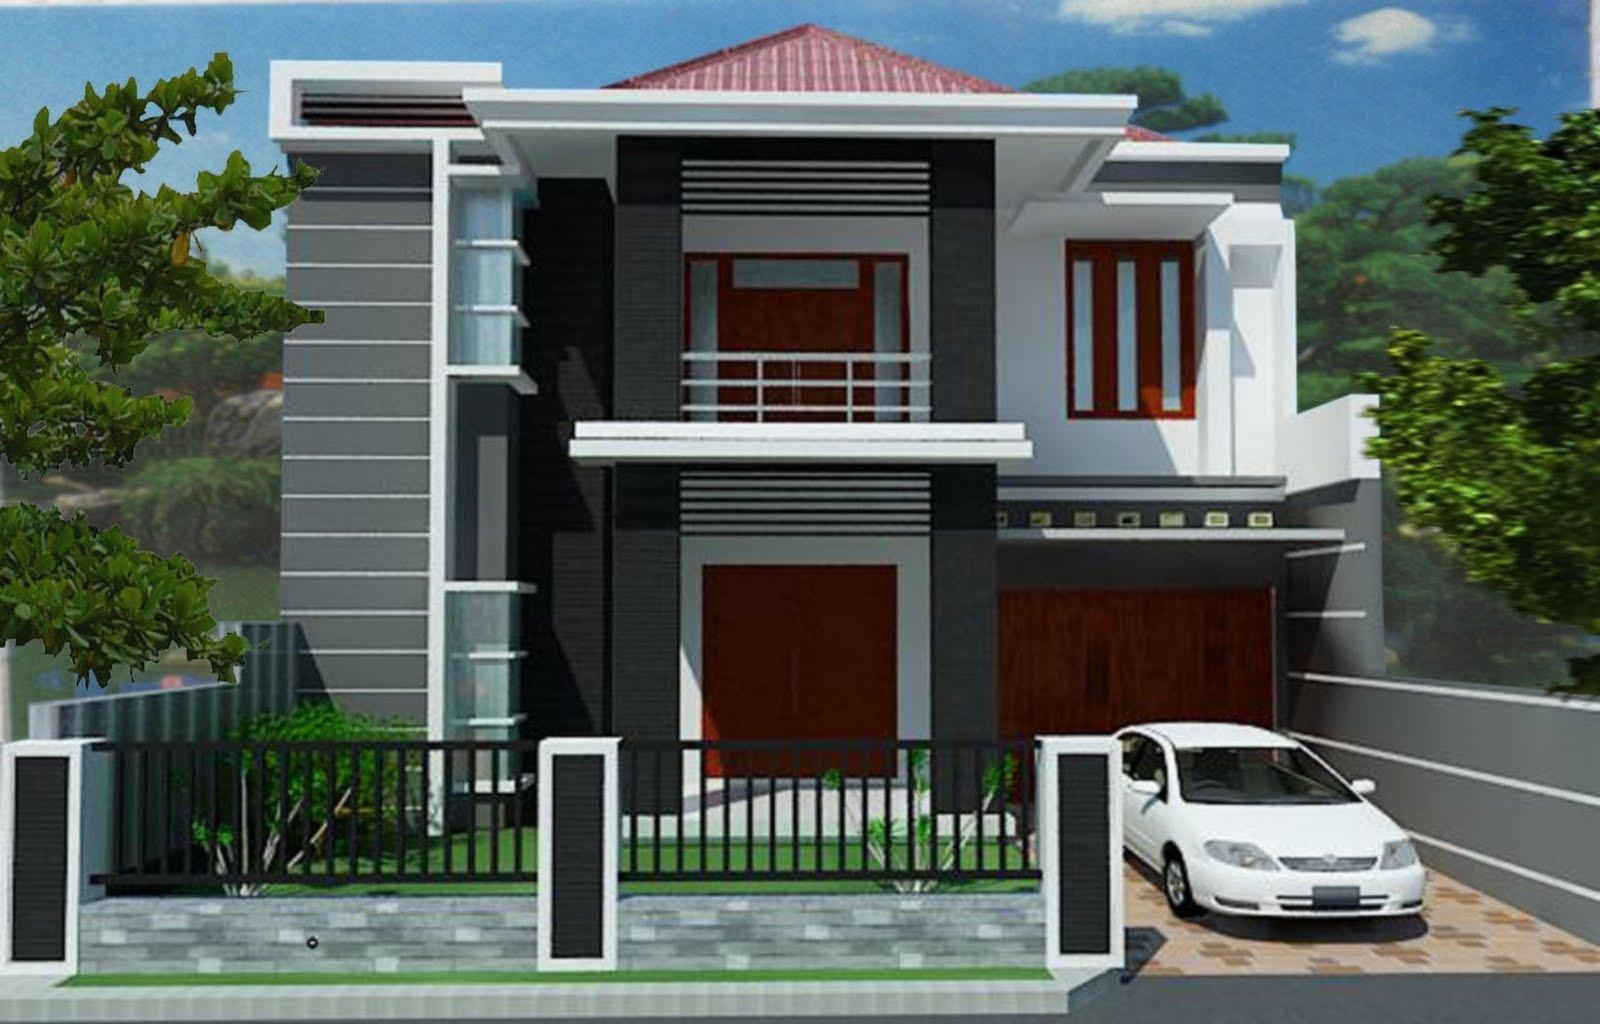 Biaya Membangun Rumah Minimalis 2 Lantai Sederhana